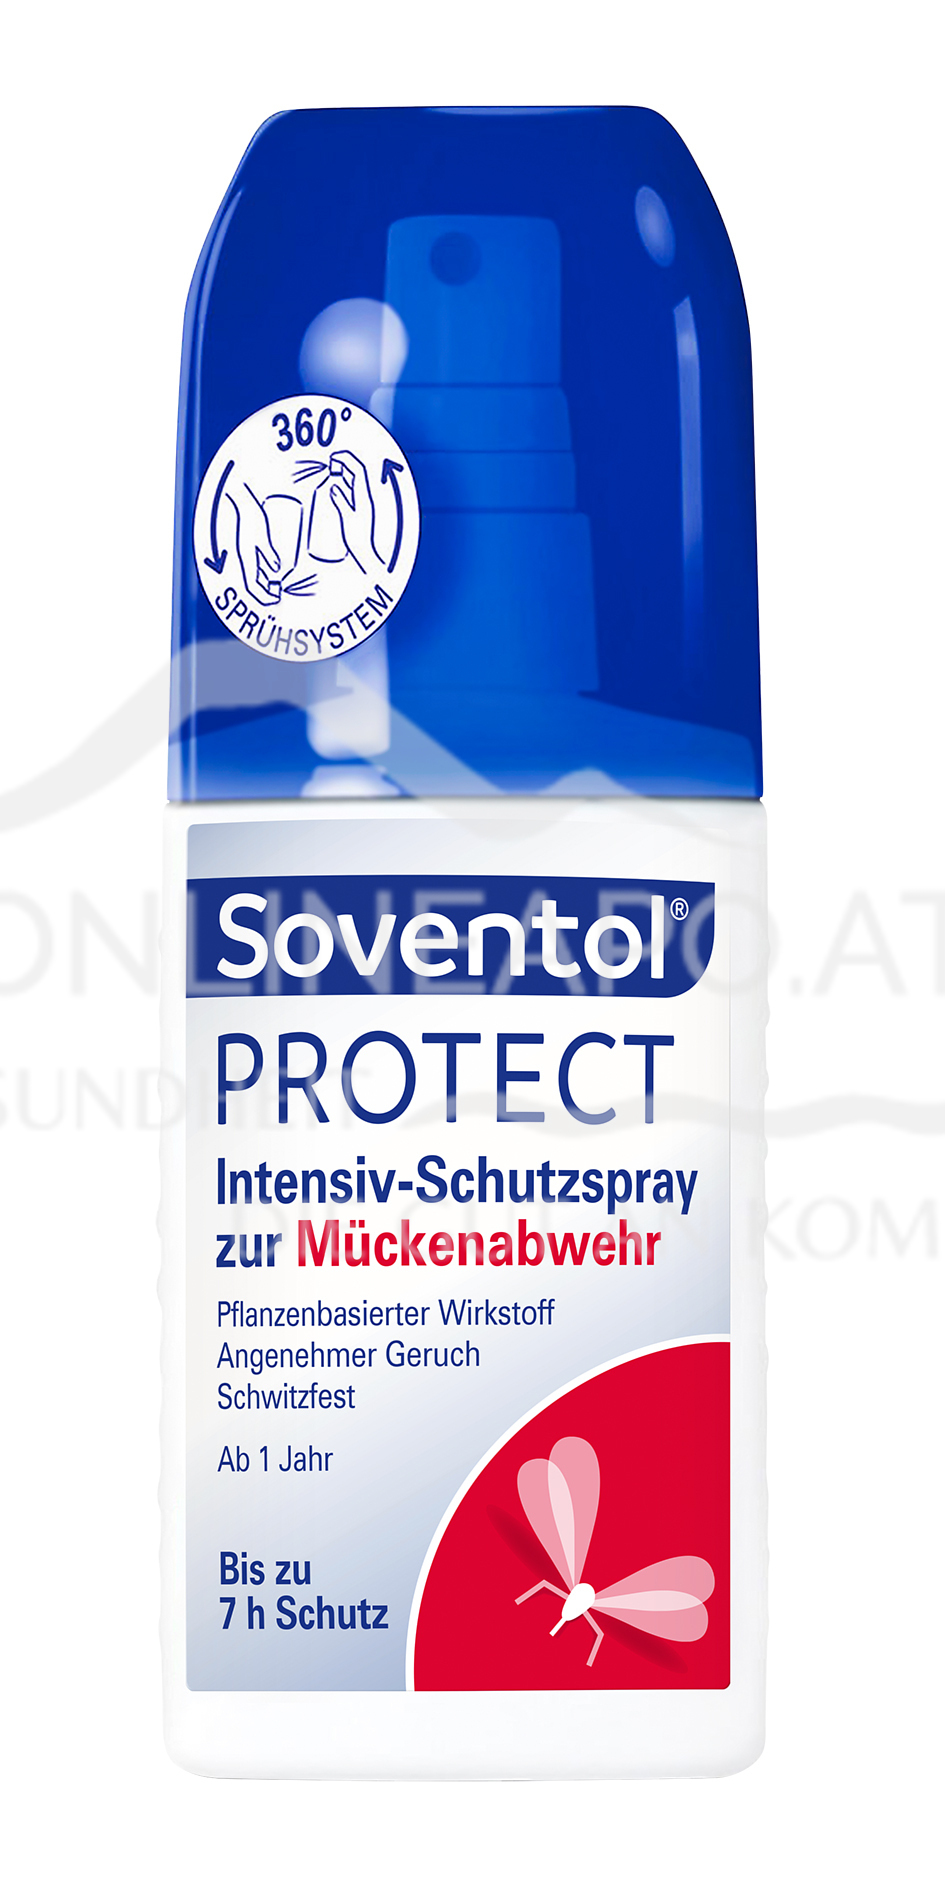 Soventol® PROTECT zur Mückenabwehr